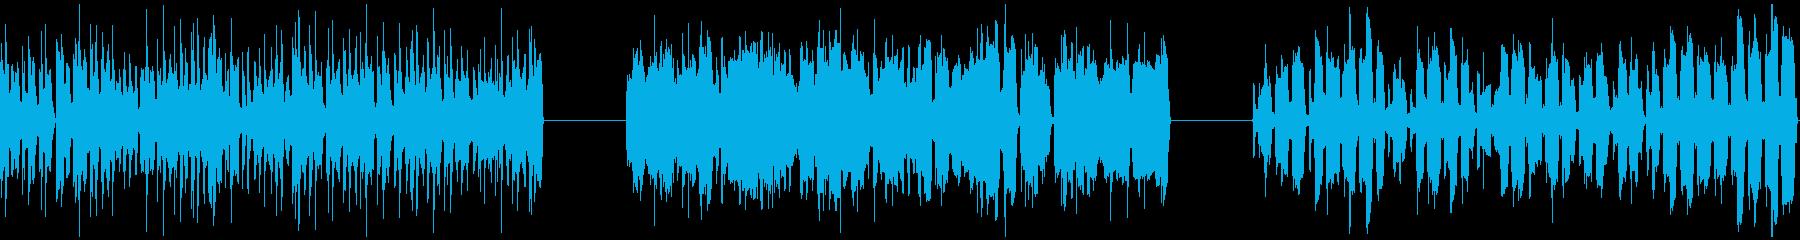 RUNNBOUNCE、3バージョン...の再生済みの波形